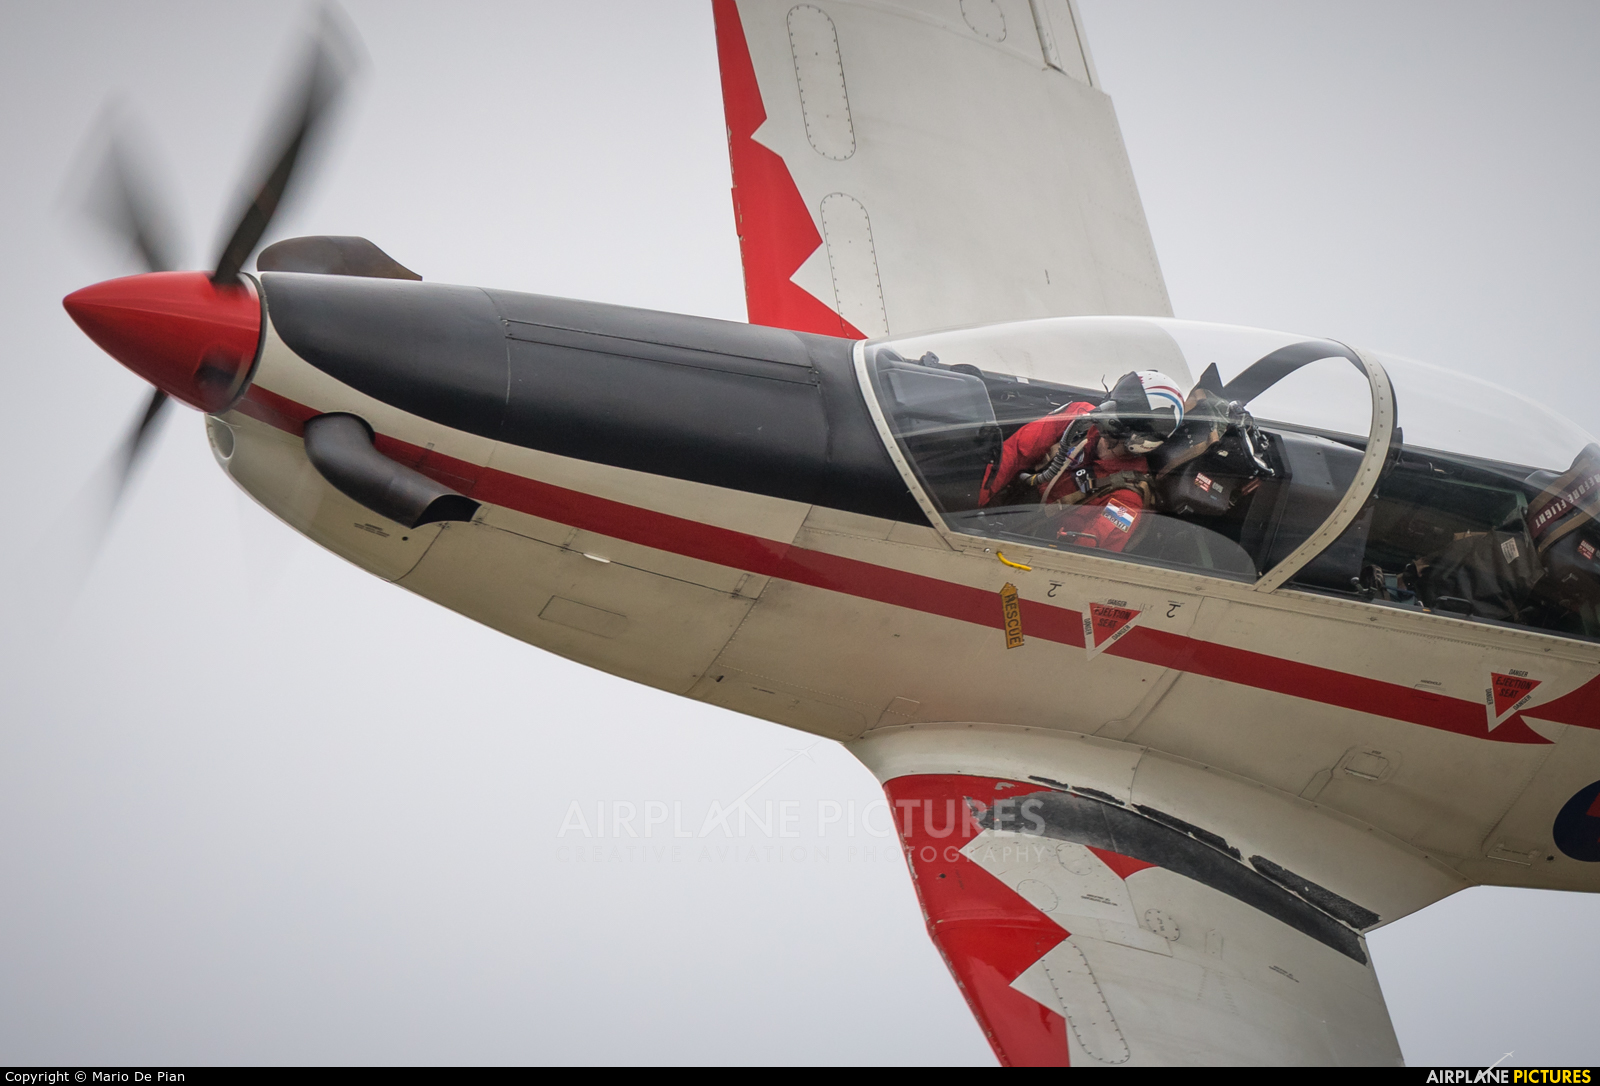 Croatia - Air Force 054 aircraft at Saint Dizier - Robinson